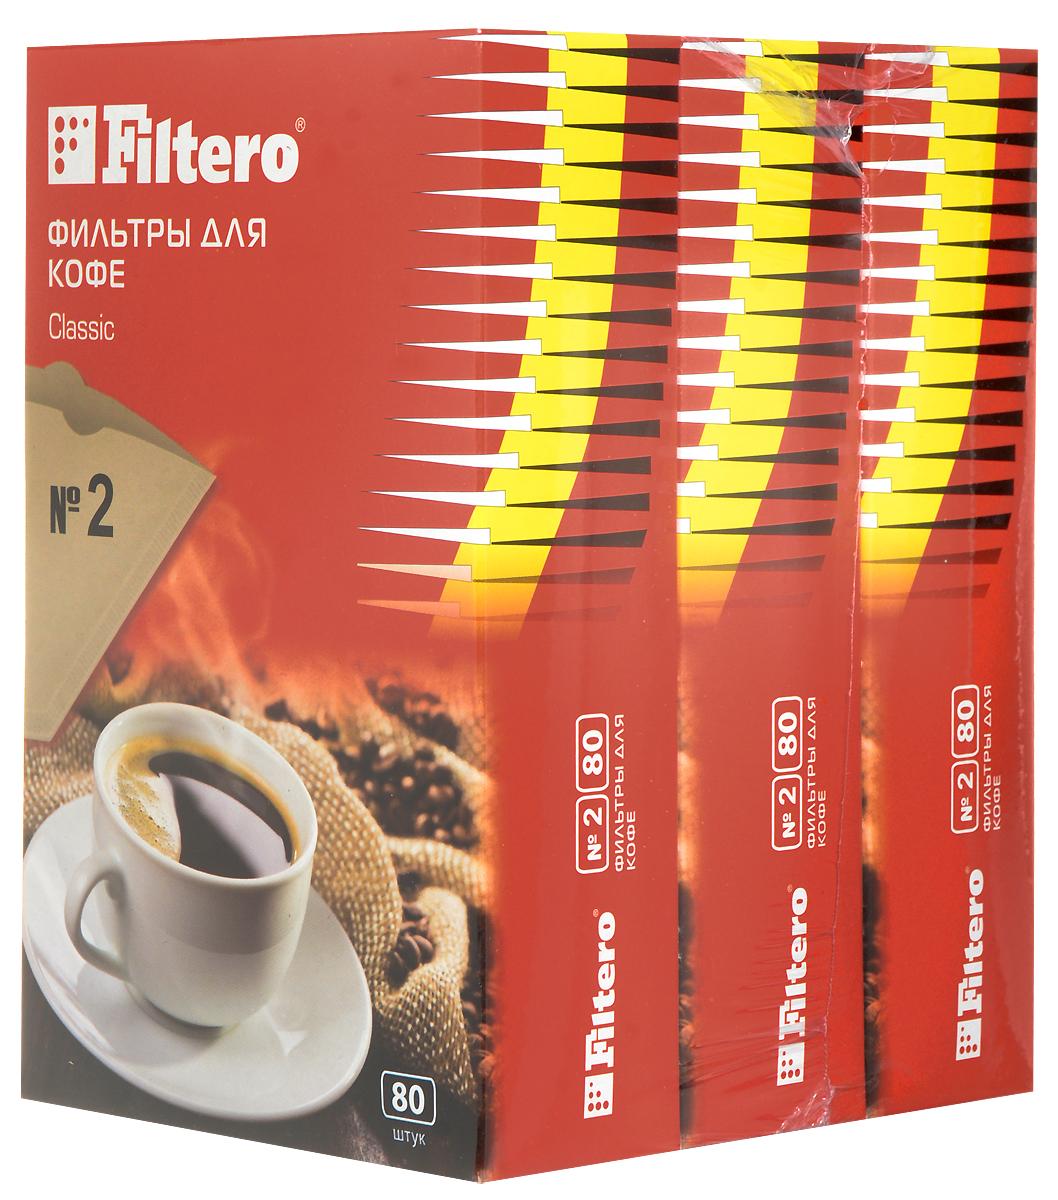 Filtero Classic №2 комплект фильтров для кофеварок, 240 шт2/240Бумажные одноразовые фильтры Filtero Classic№2 предназначены для кофеварок капельного типа на 6-8 чашек и для чашки-кофеварки Filtero. Превосходно сохраняют аромат и оригинальный вкус кофе.